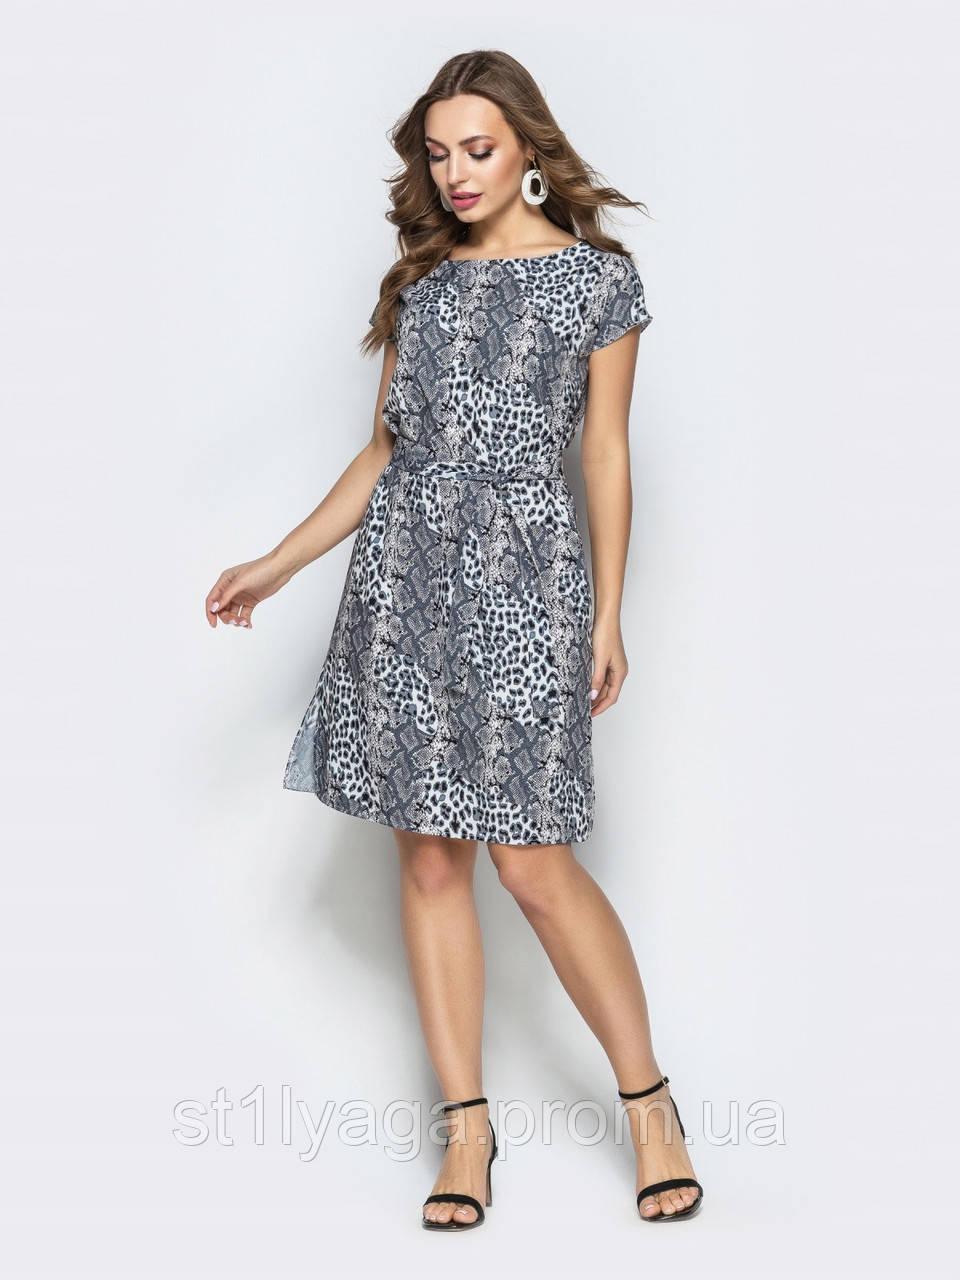 Платье прямого кроя с принтом ЛЕТО